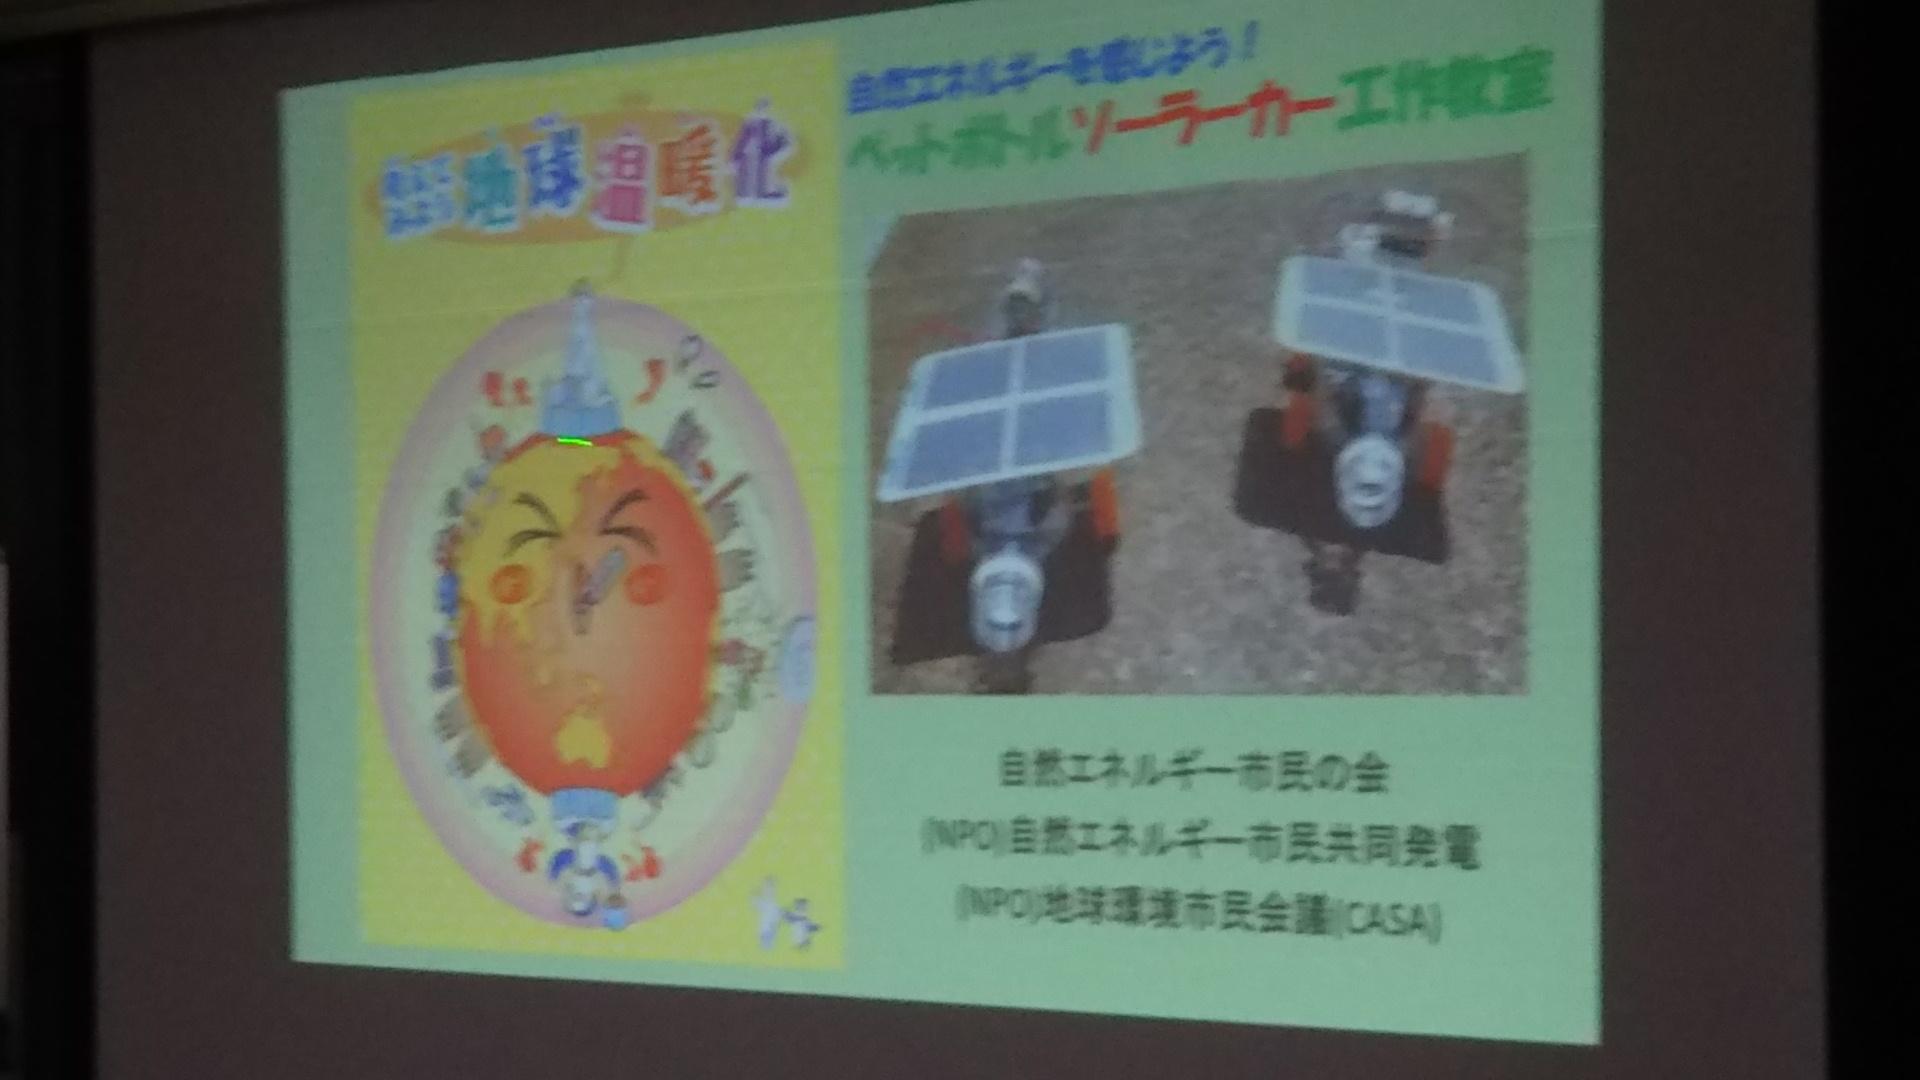 自然エネルギー市民の会と泉大津市のエコソーラーカー工作教室のボランティアへ❗️